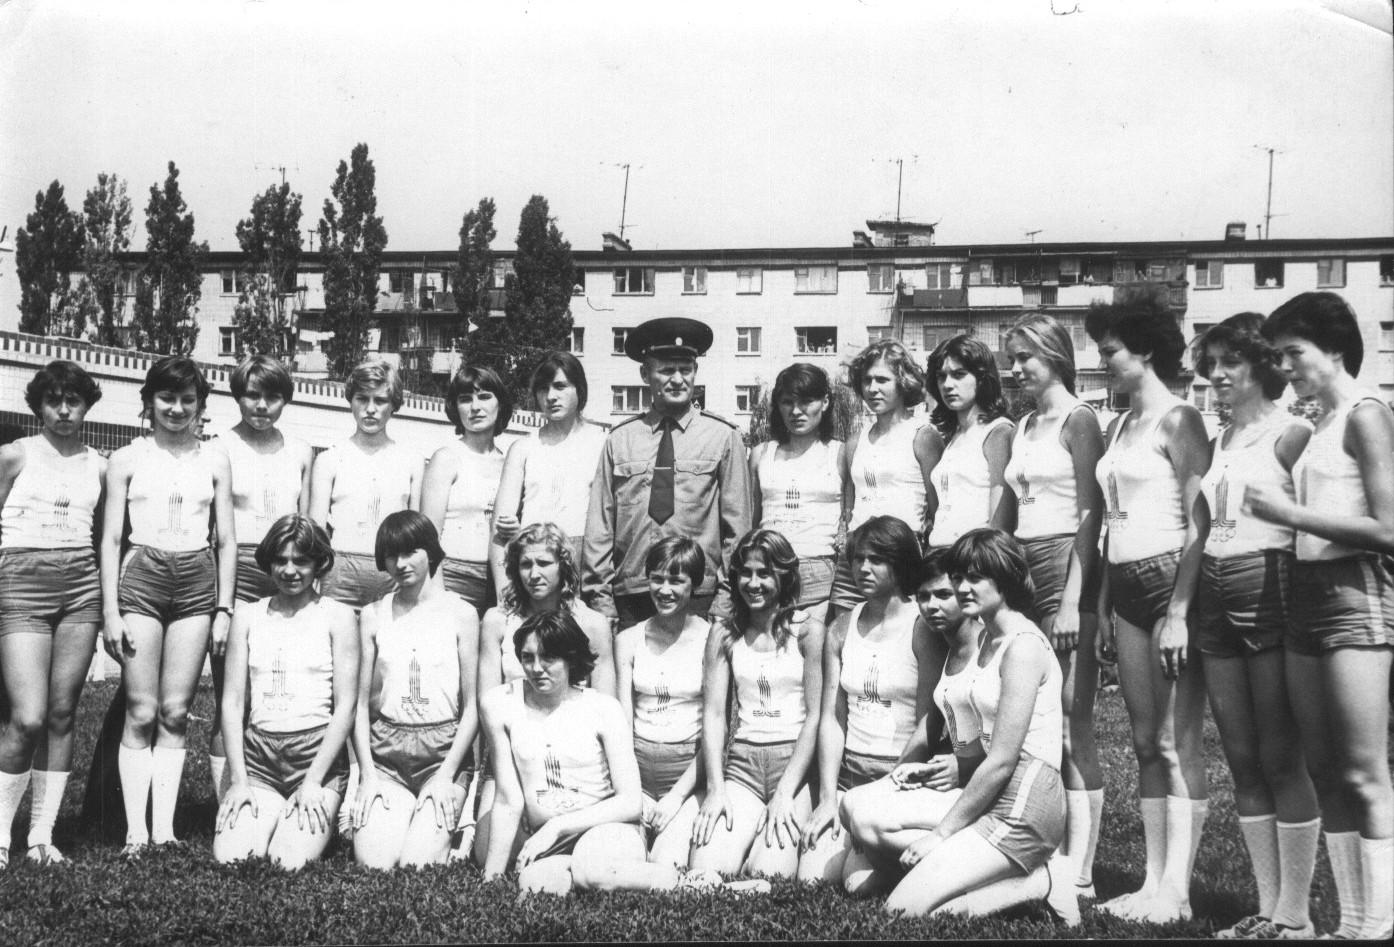 Олімпіада-1980. Полтавськими шляхами. Частина п'ята